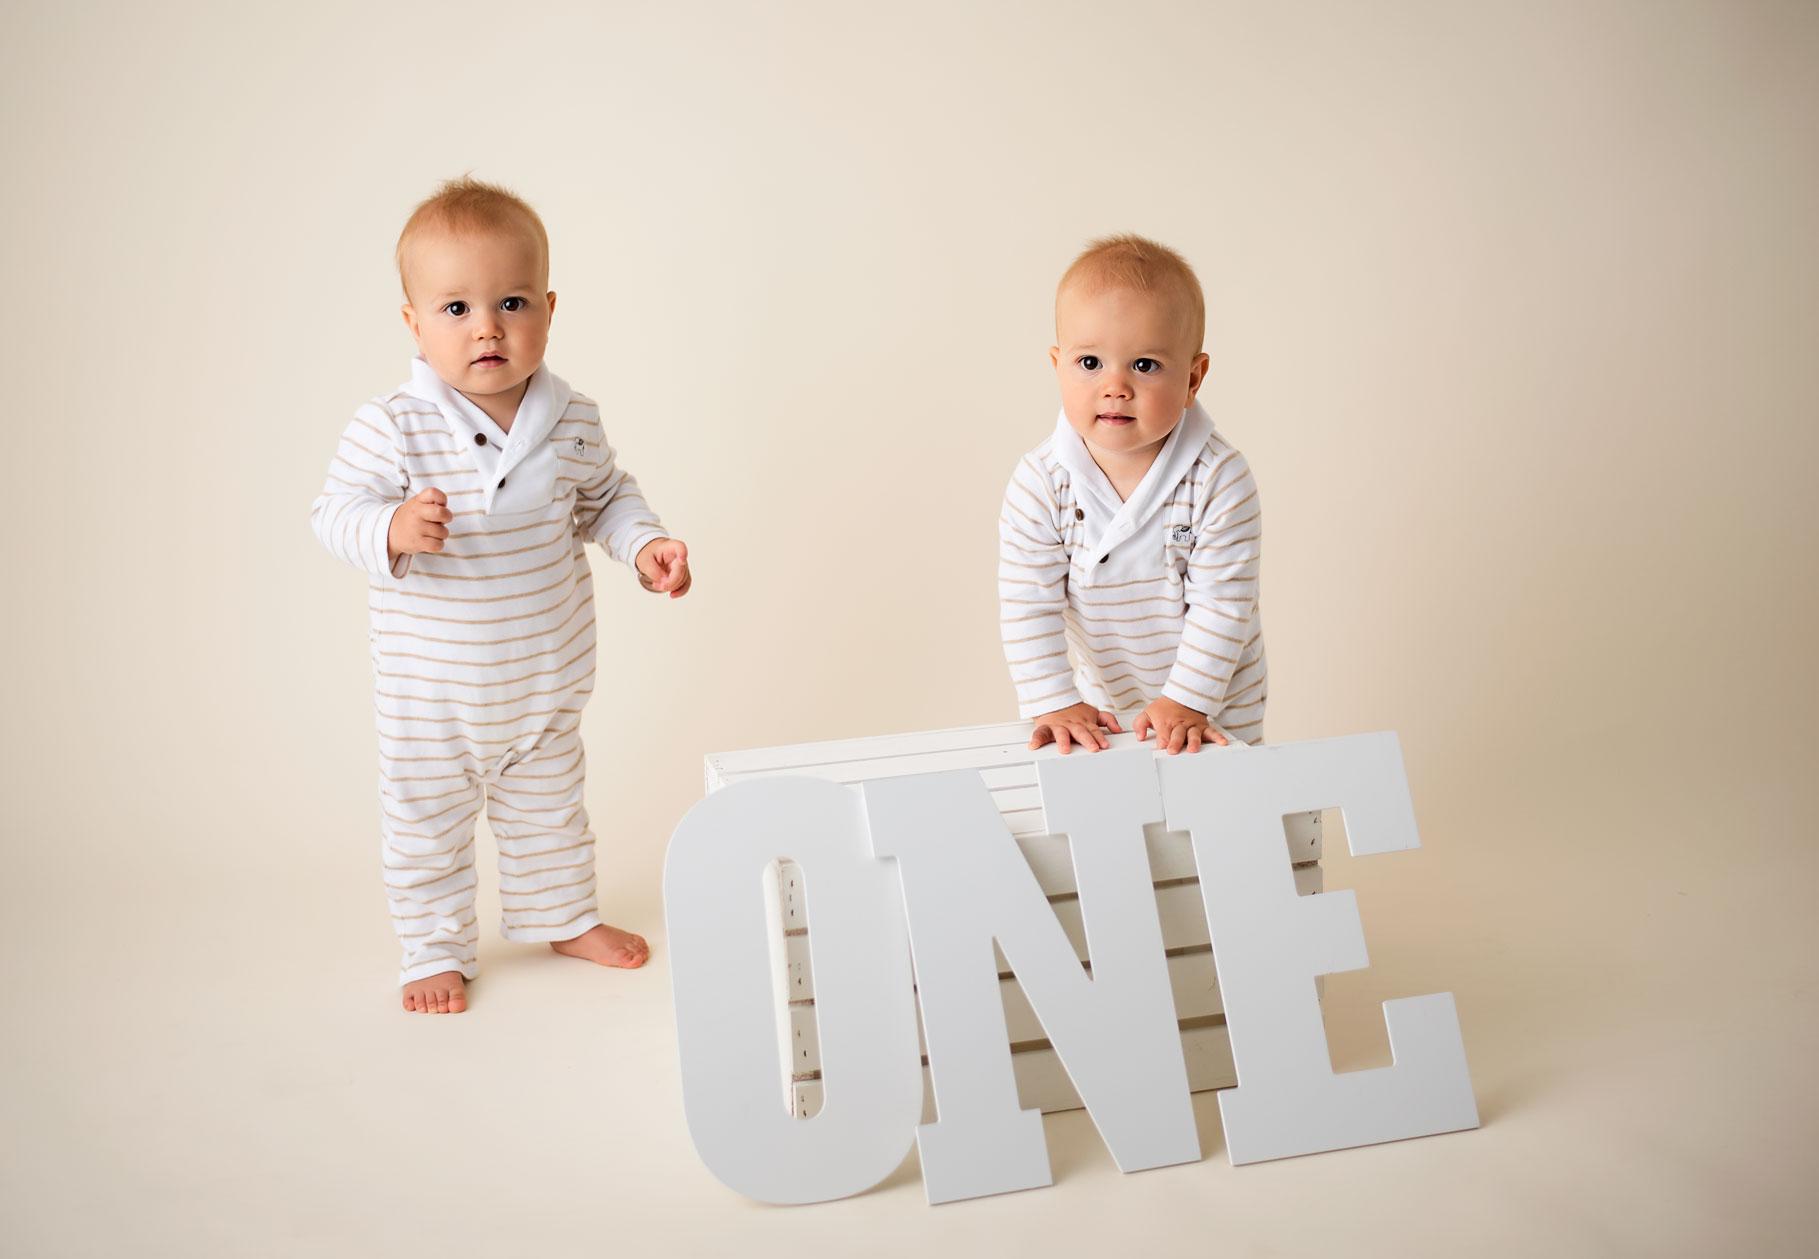 Twin 1 Year Old Boys